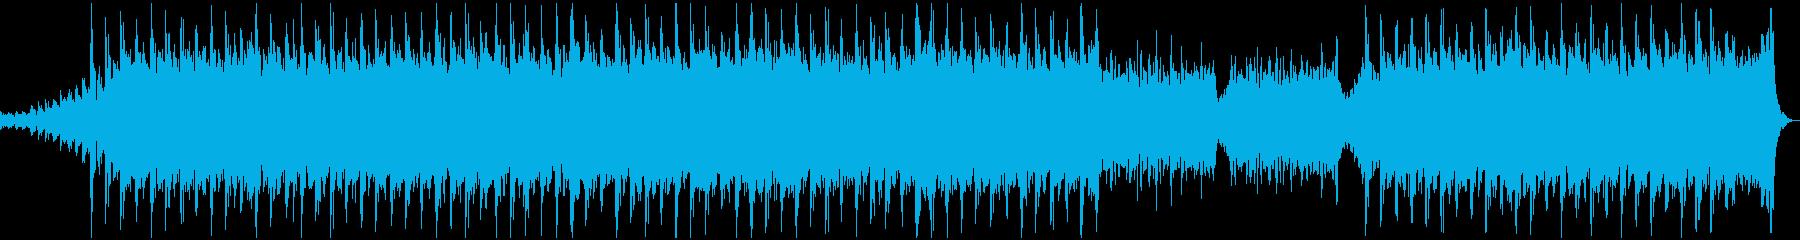 バグパイプ・ケルト・民族音楽・打楽器の再生済みの波形